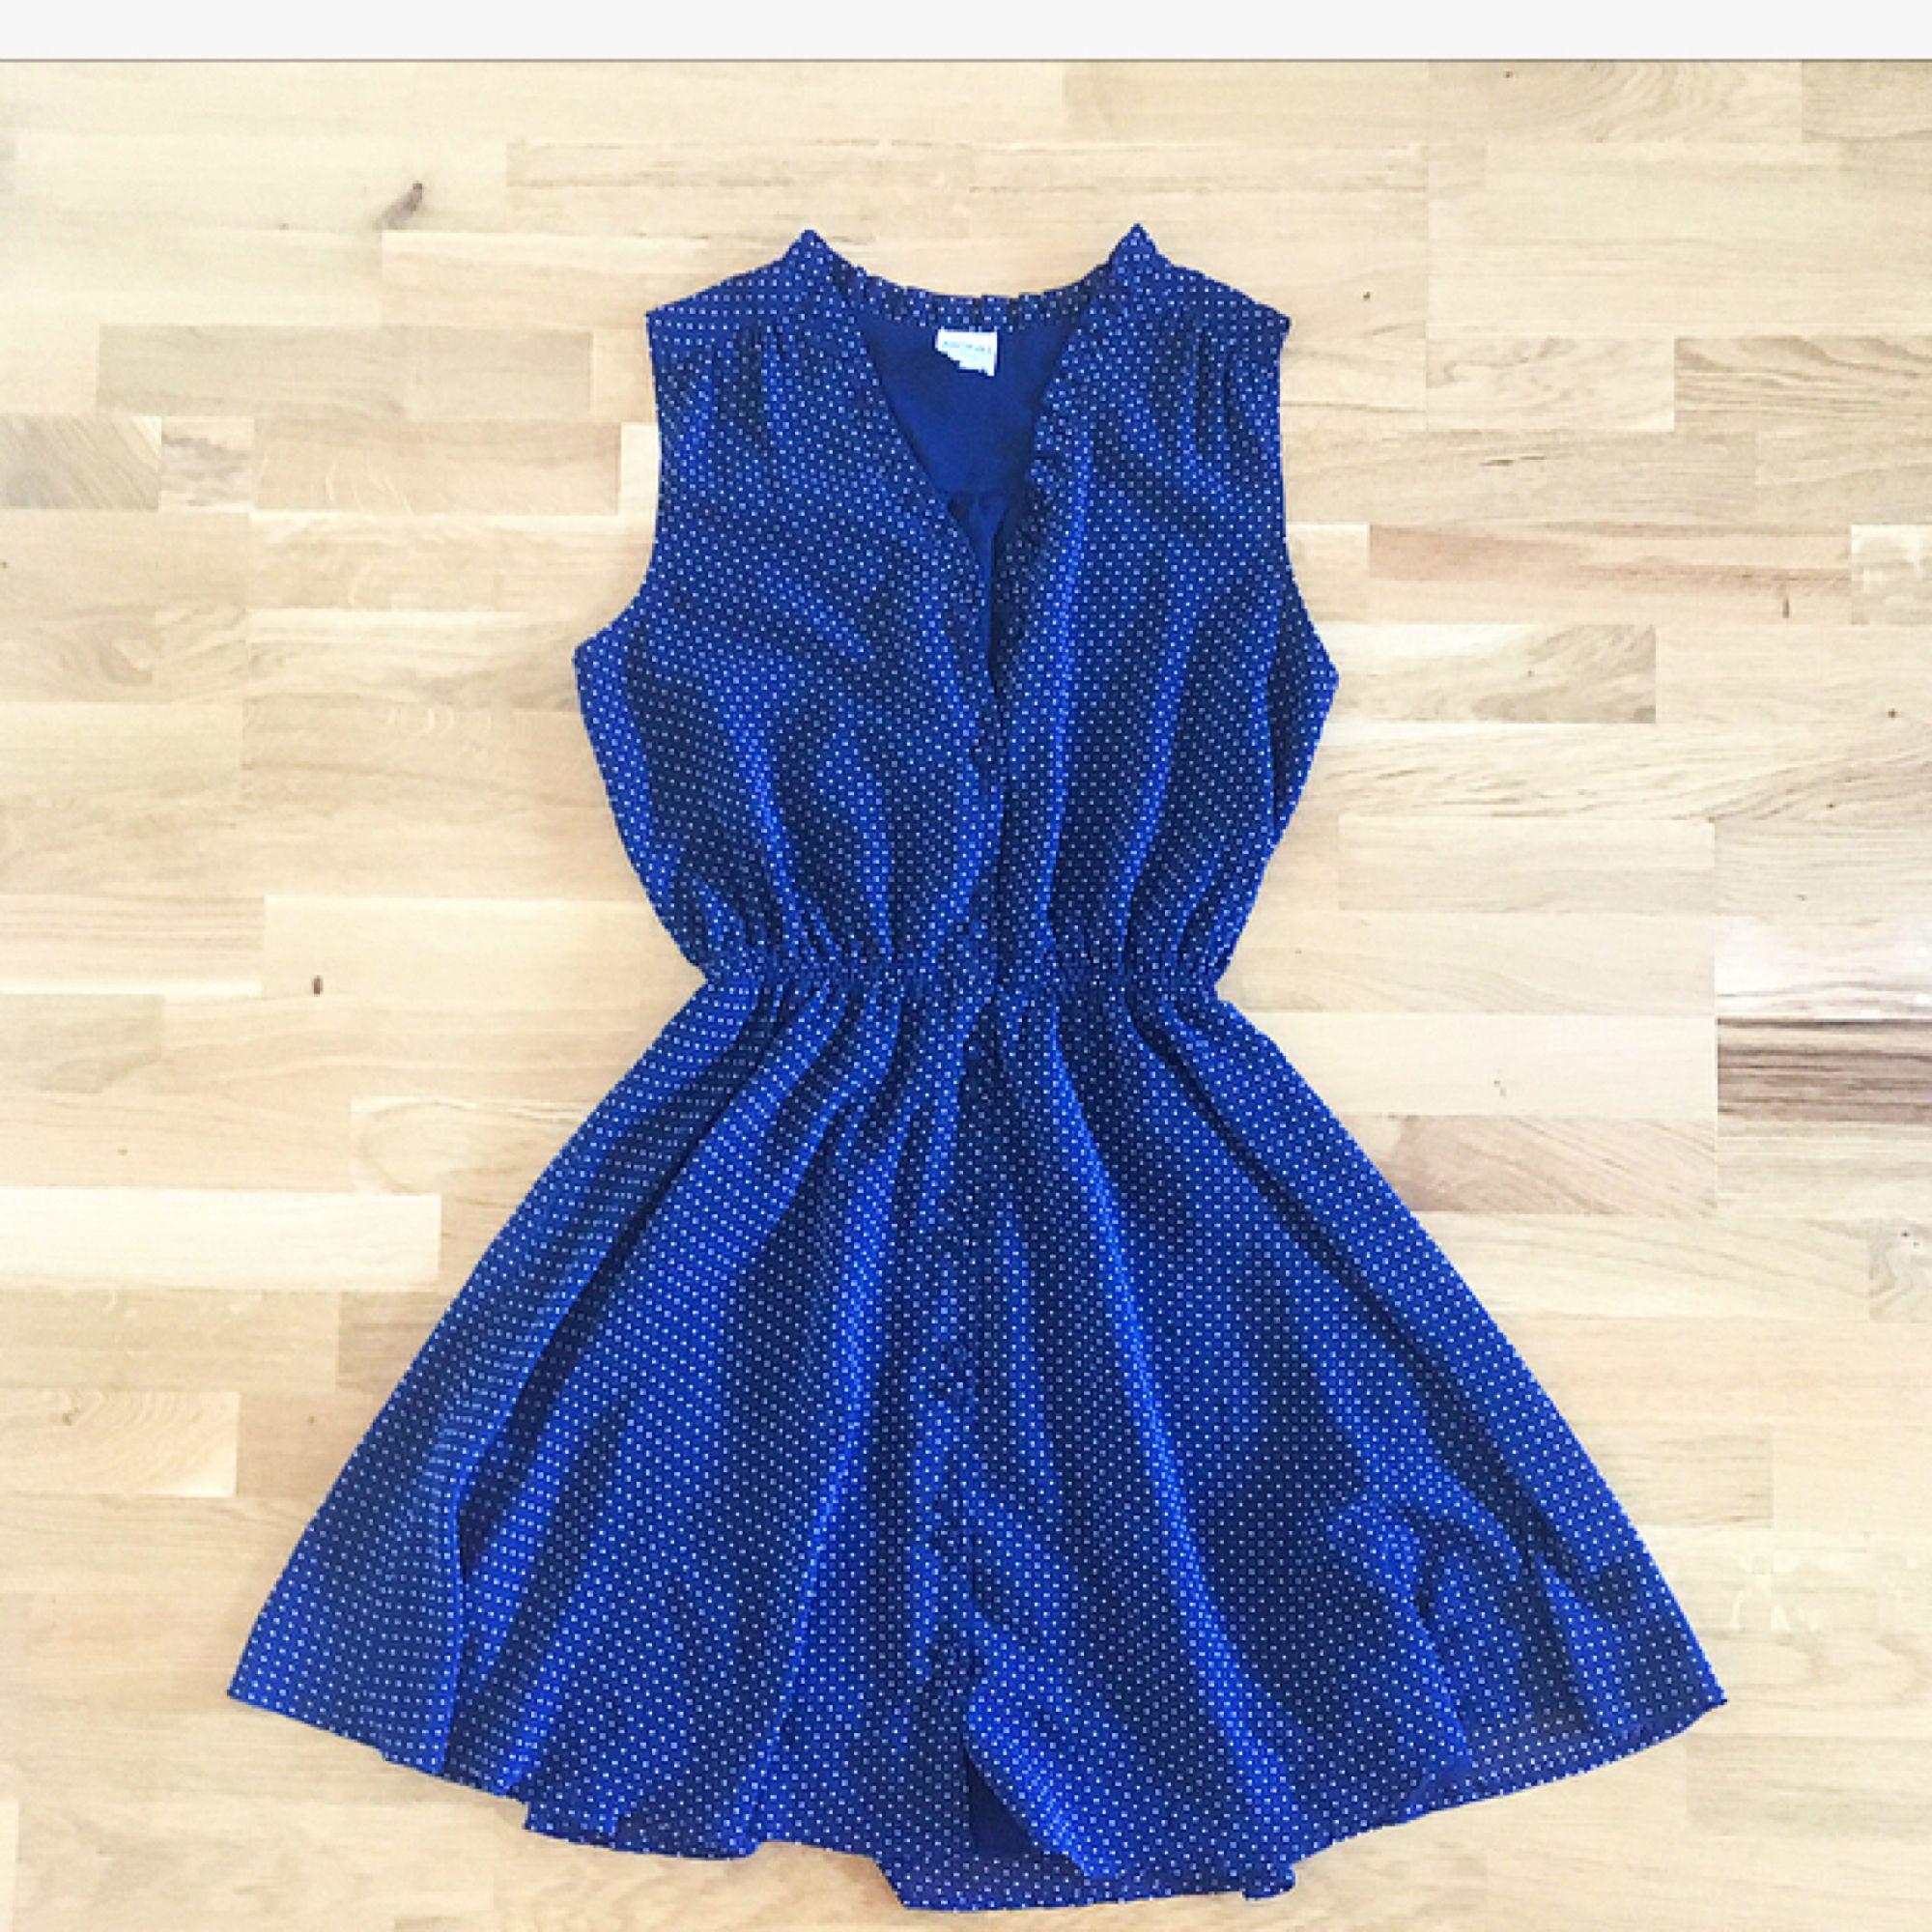 Mörkblå klänning med vita prickar från Monki ✨ Tajt i midjan och fina knappar längst framsidan. Superfin på! 😻 Köparen står för ev fraktkostnad 💌. Klänningar.